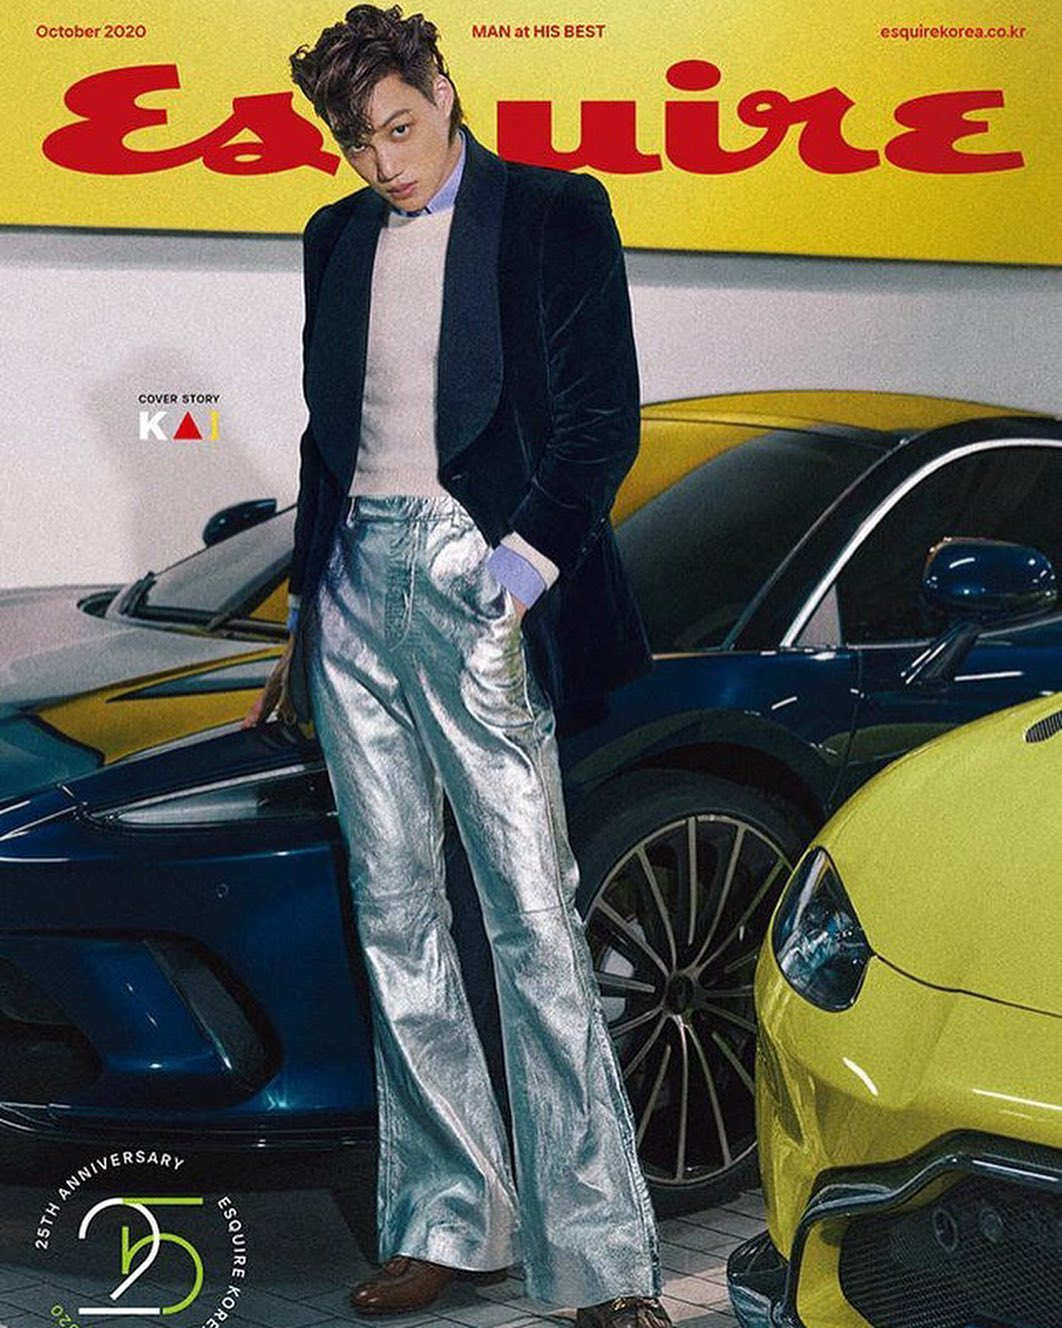 kai trên tạp chí esquire tháng 11/2020